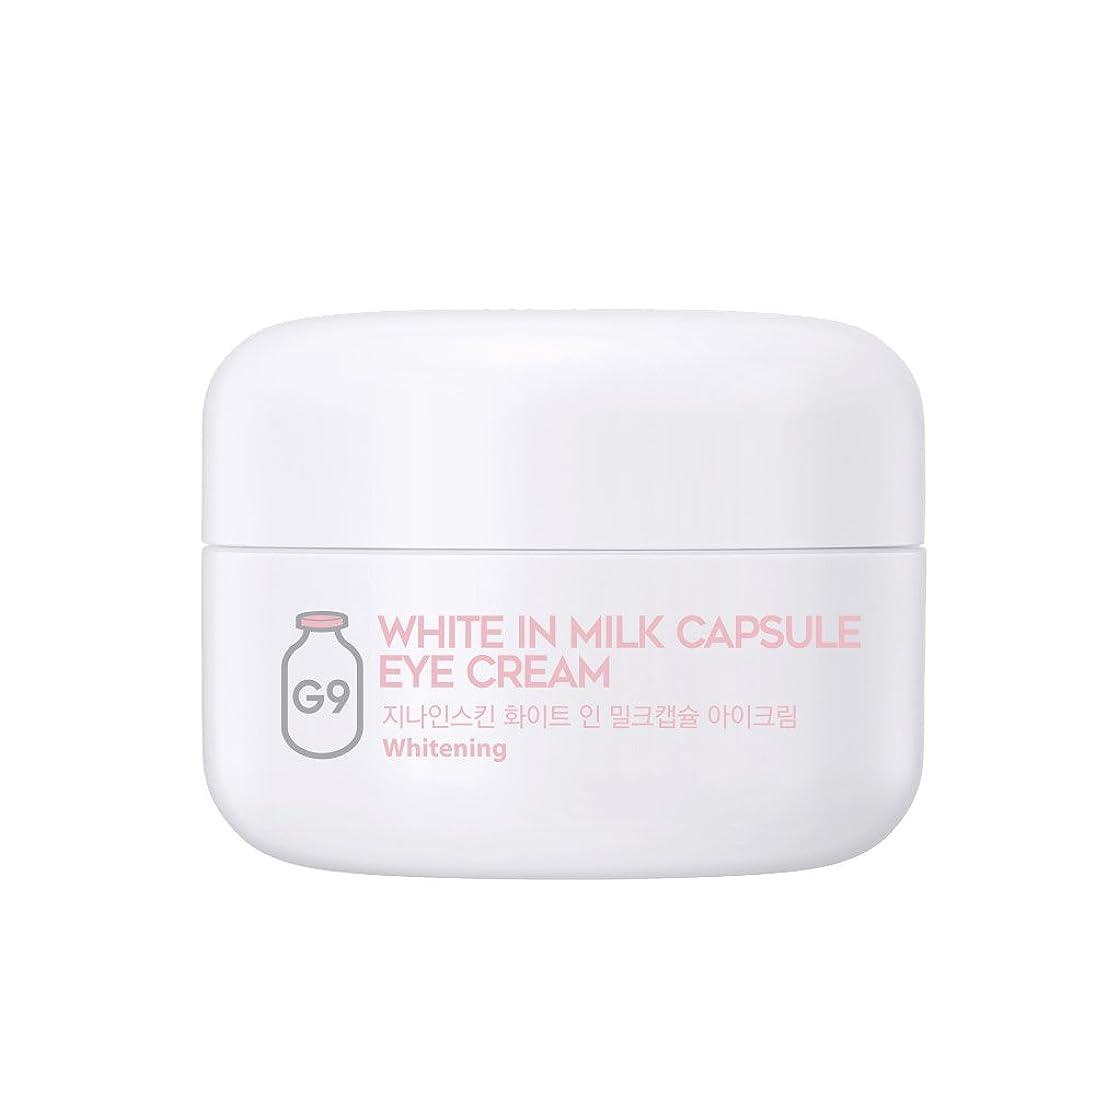 果てしない非常に怒っています幸運G9SKIN(ベリサム) White In Milk Capsule Eye Cream ホワイトインミルクカプセルアイクリーム 30g